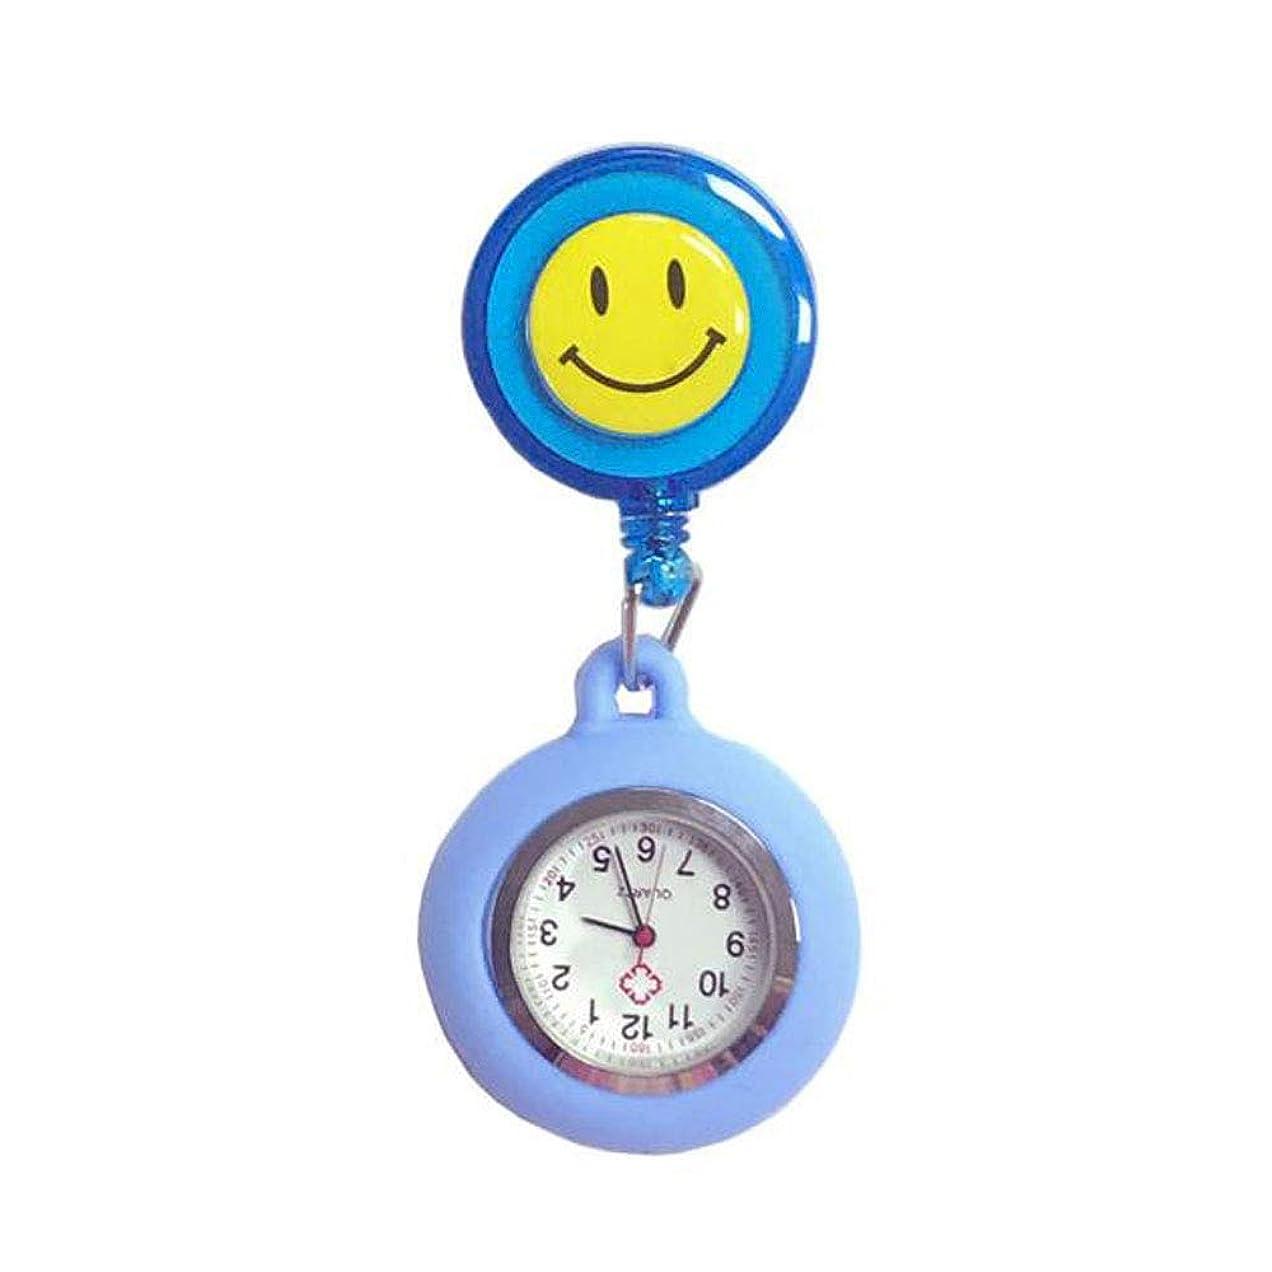 士気分布時間厳守chaselpod ナースウォッチ 看護師時計 懐中時計 ポケットウォッチ 見やすい レディース かわいい 笑顔 シリコンカバー付き 伸張可能 介護士 最適 男女兼用